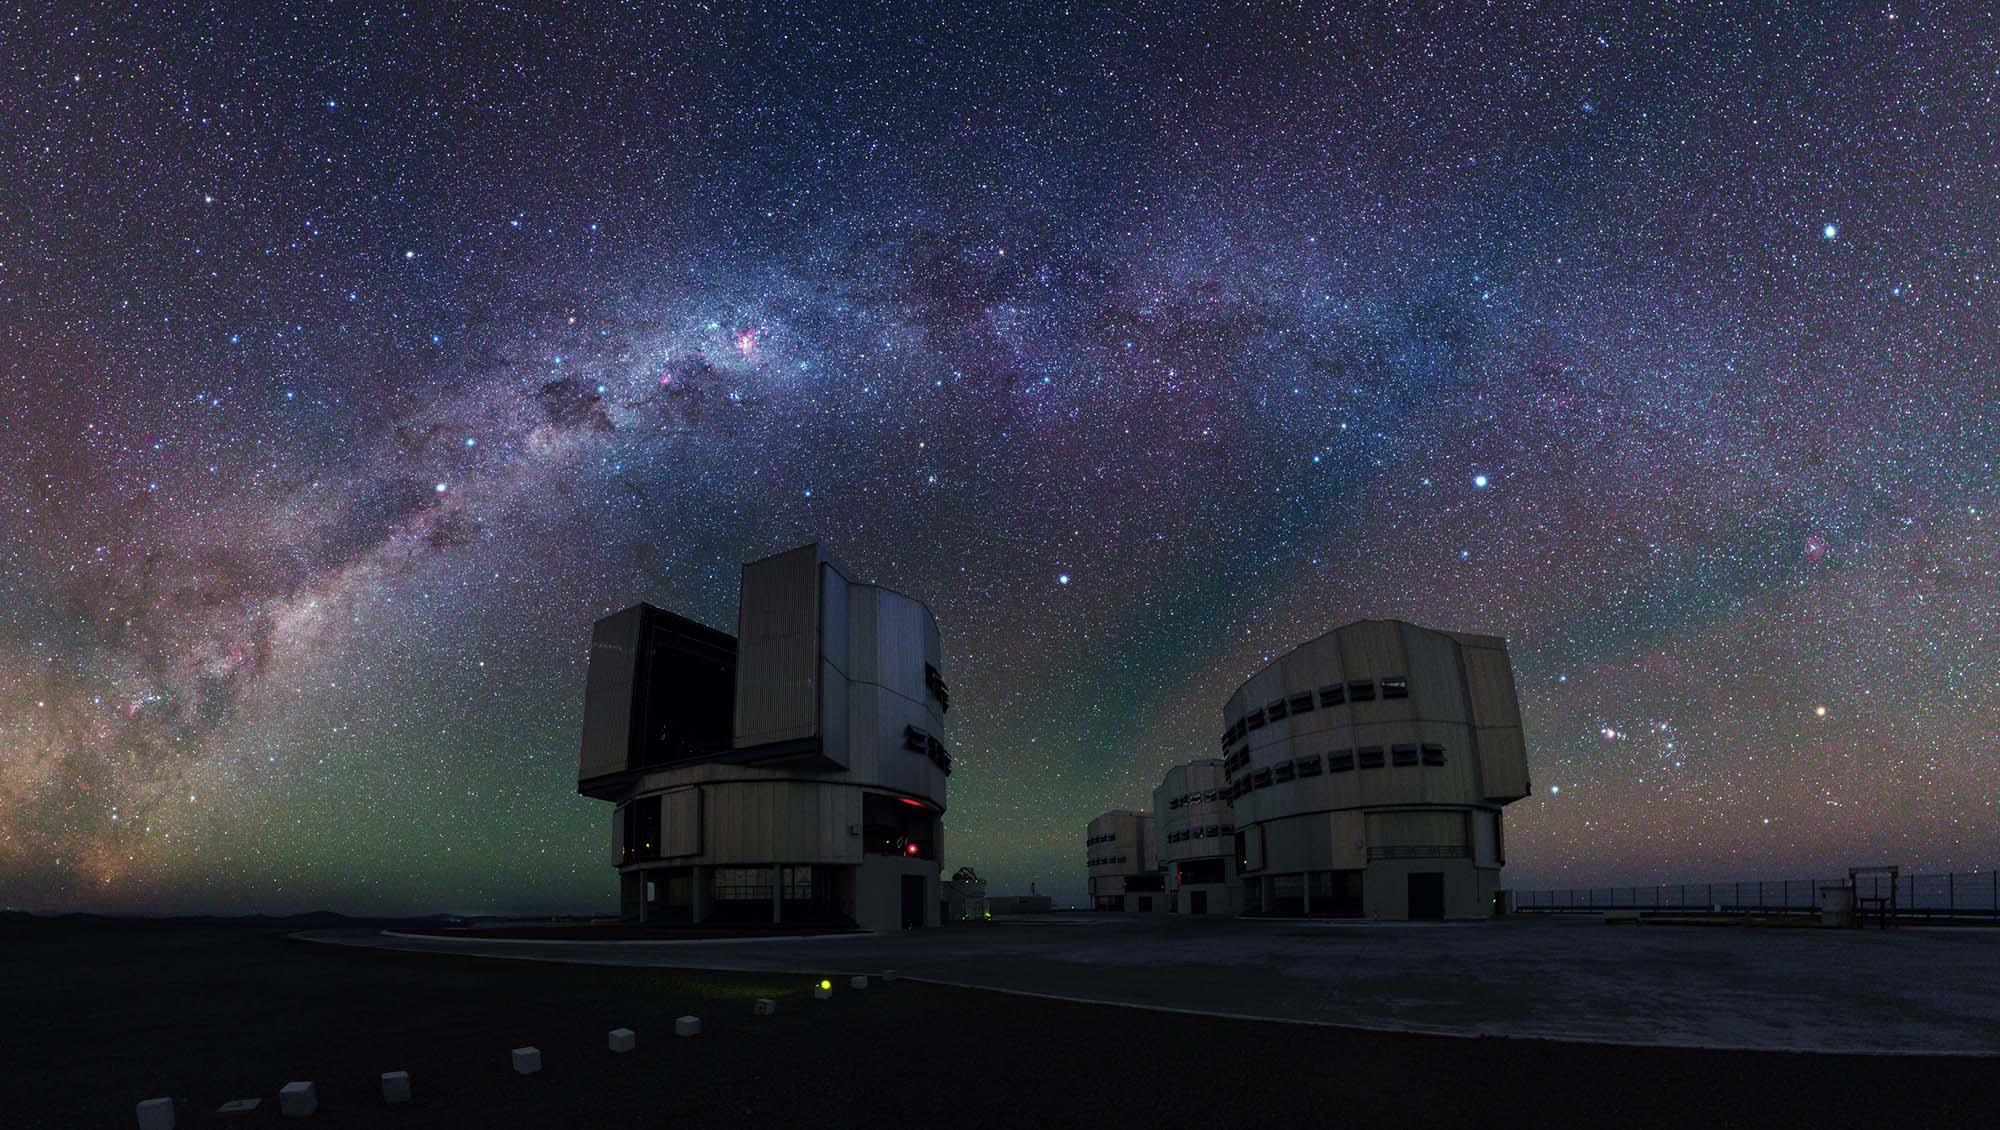 VLT télescope espace voie lactée